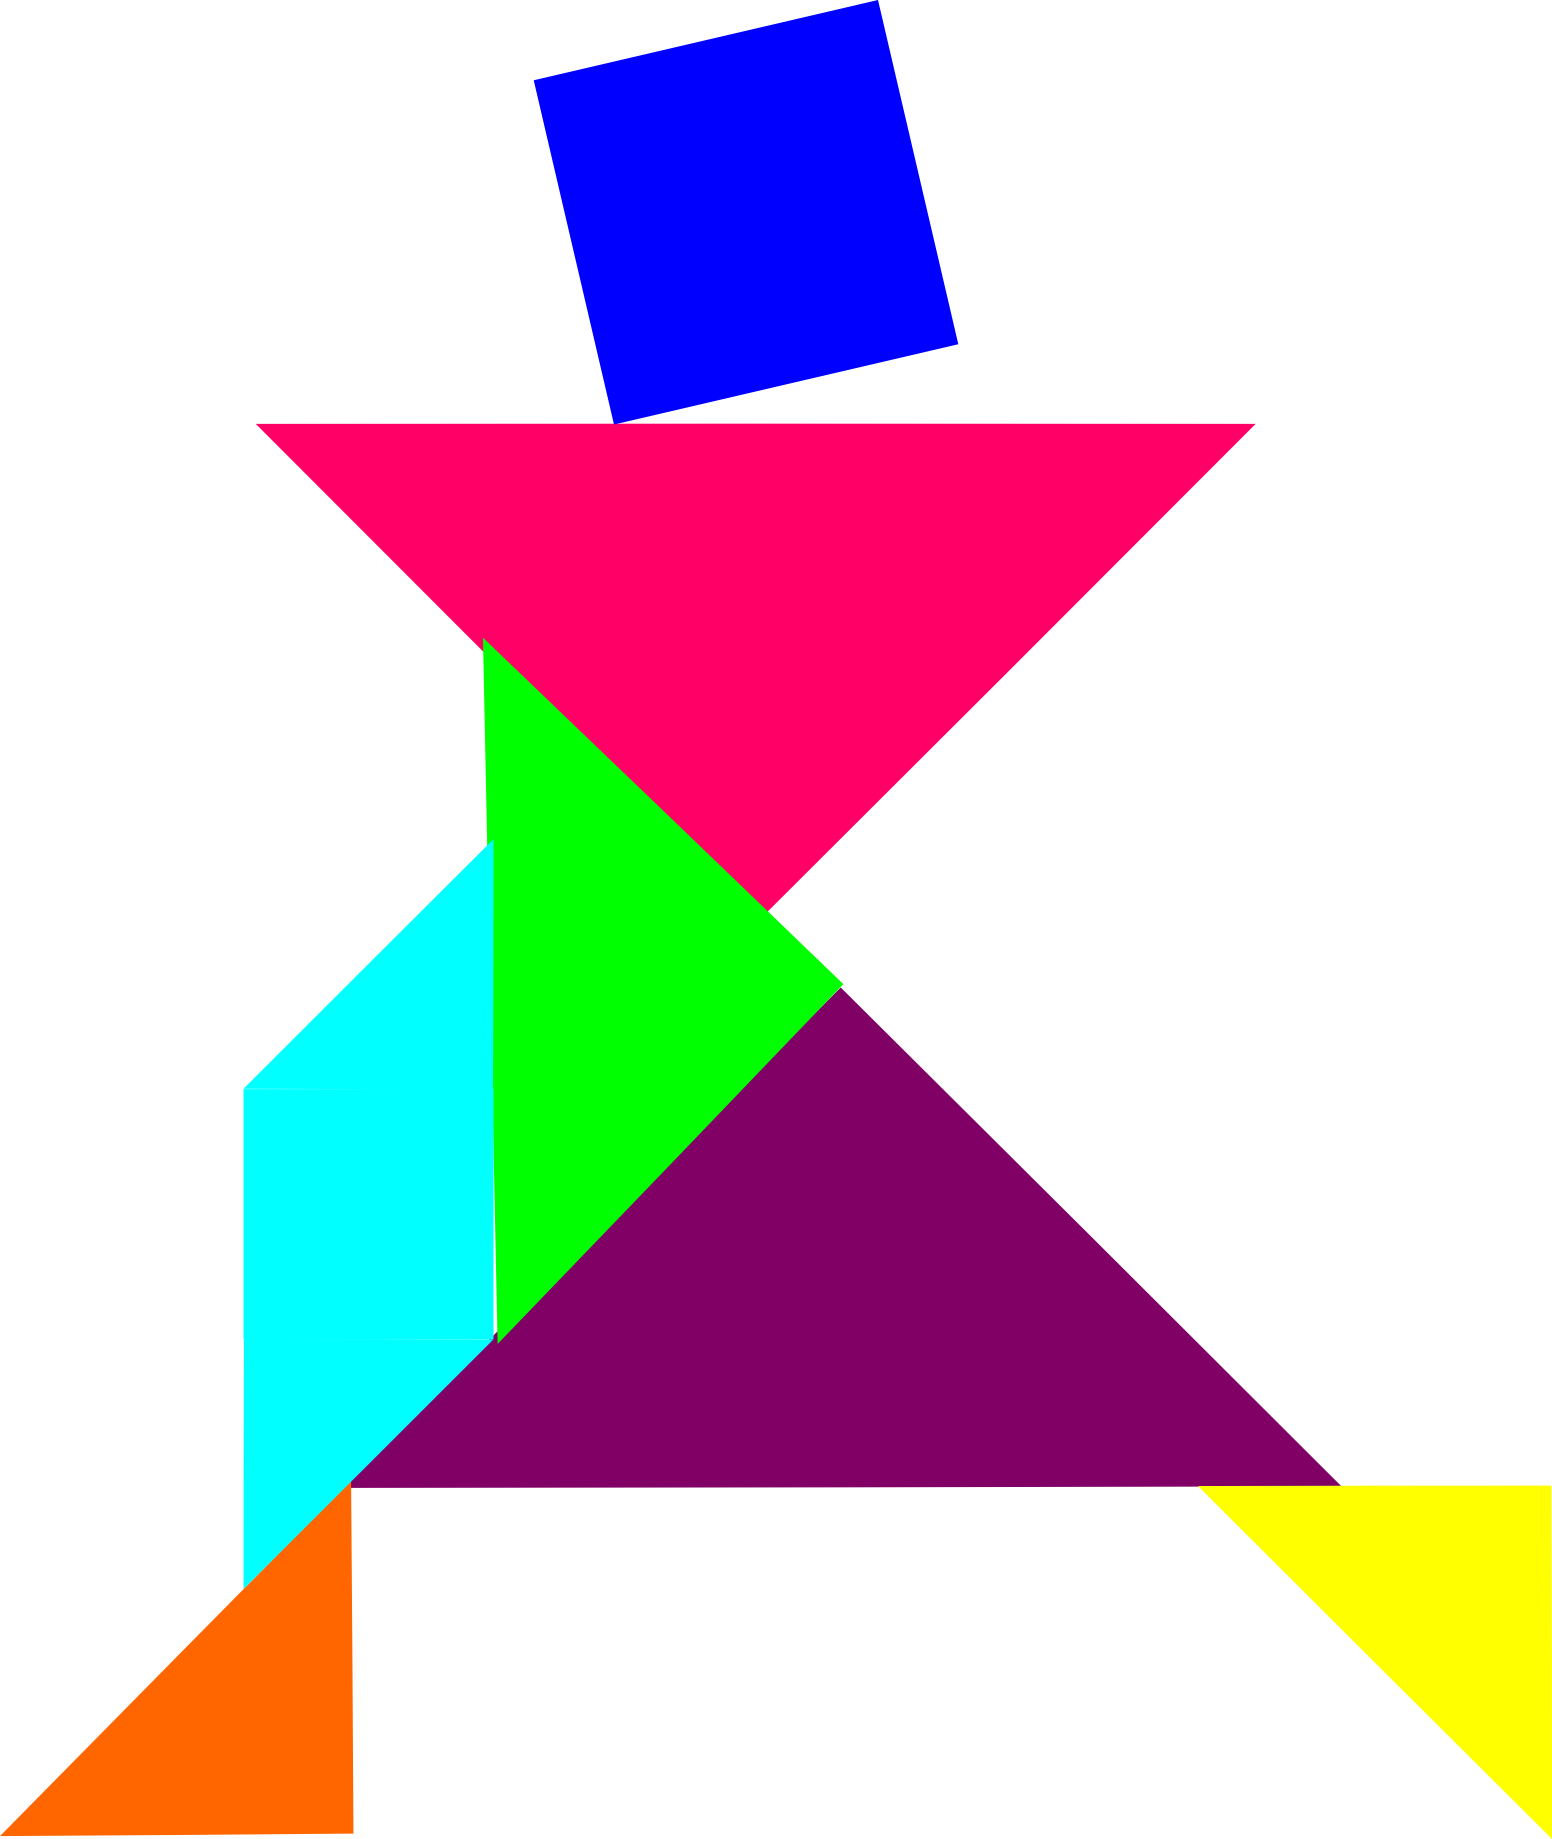 Des Logiciels Libres De Tangram Et Intérêts En Orthophonie dedans Tangram Modèles Et Solutions